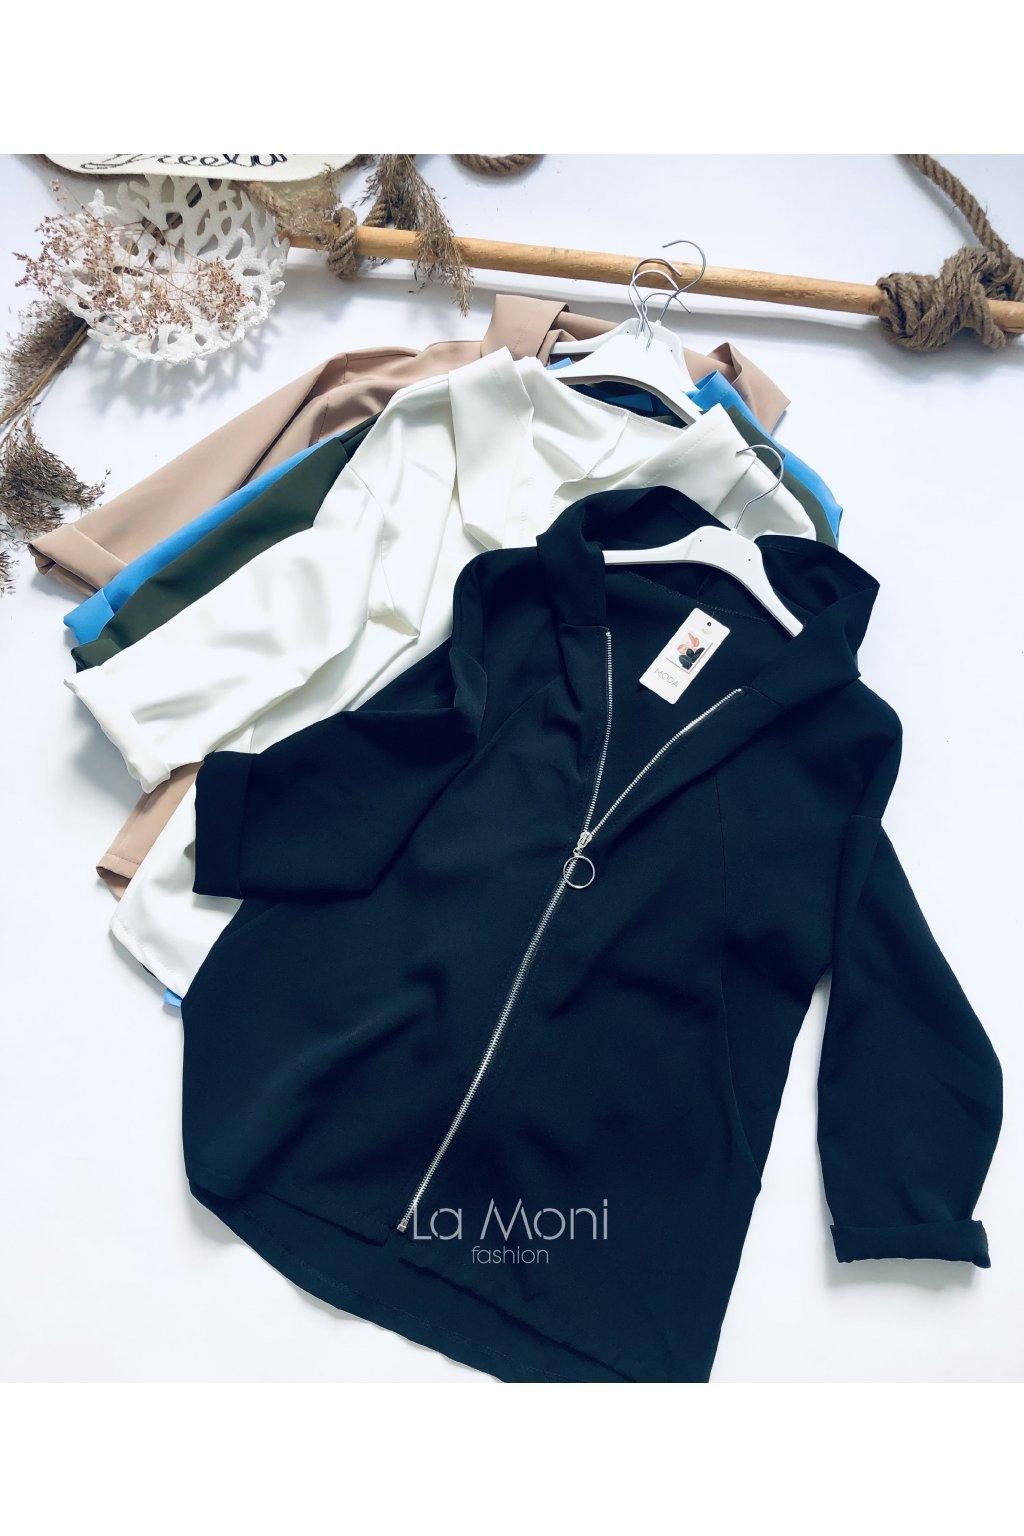 Skvělá bunda s kupucí na zip